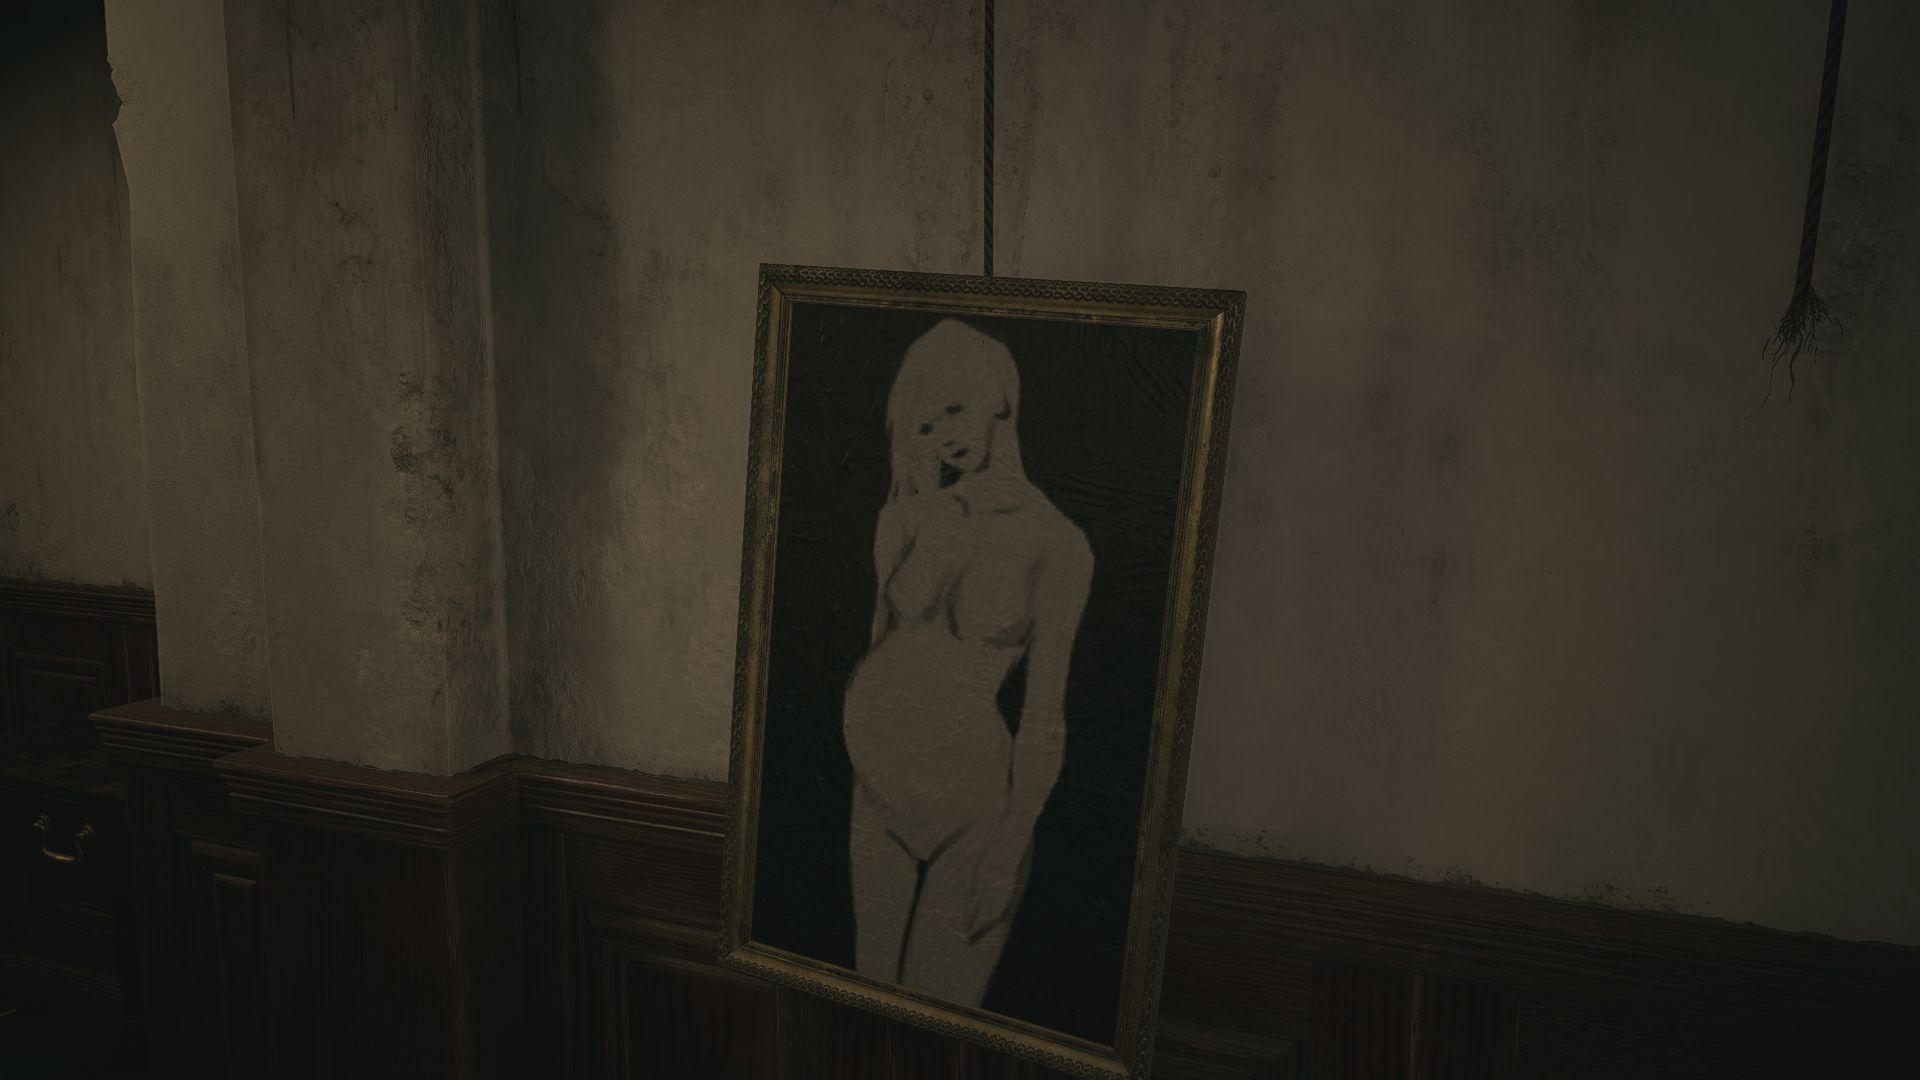 000349.Jpg - Resident Evil: Village